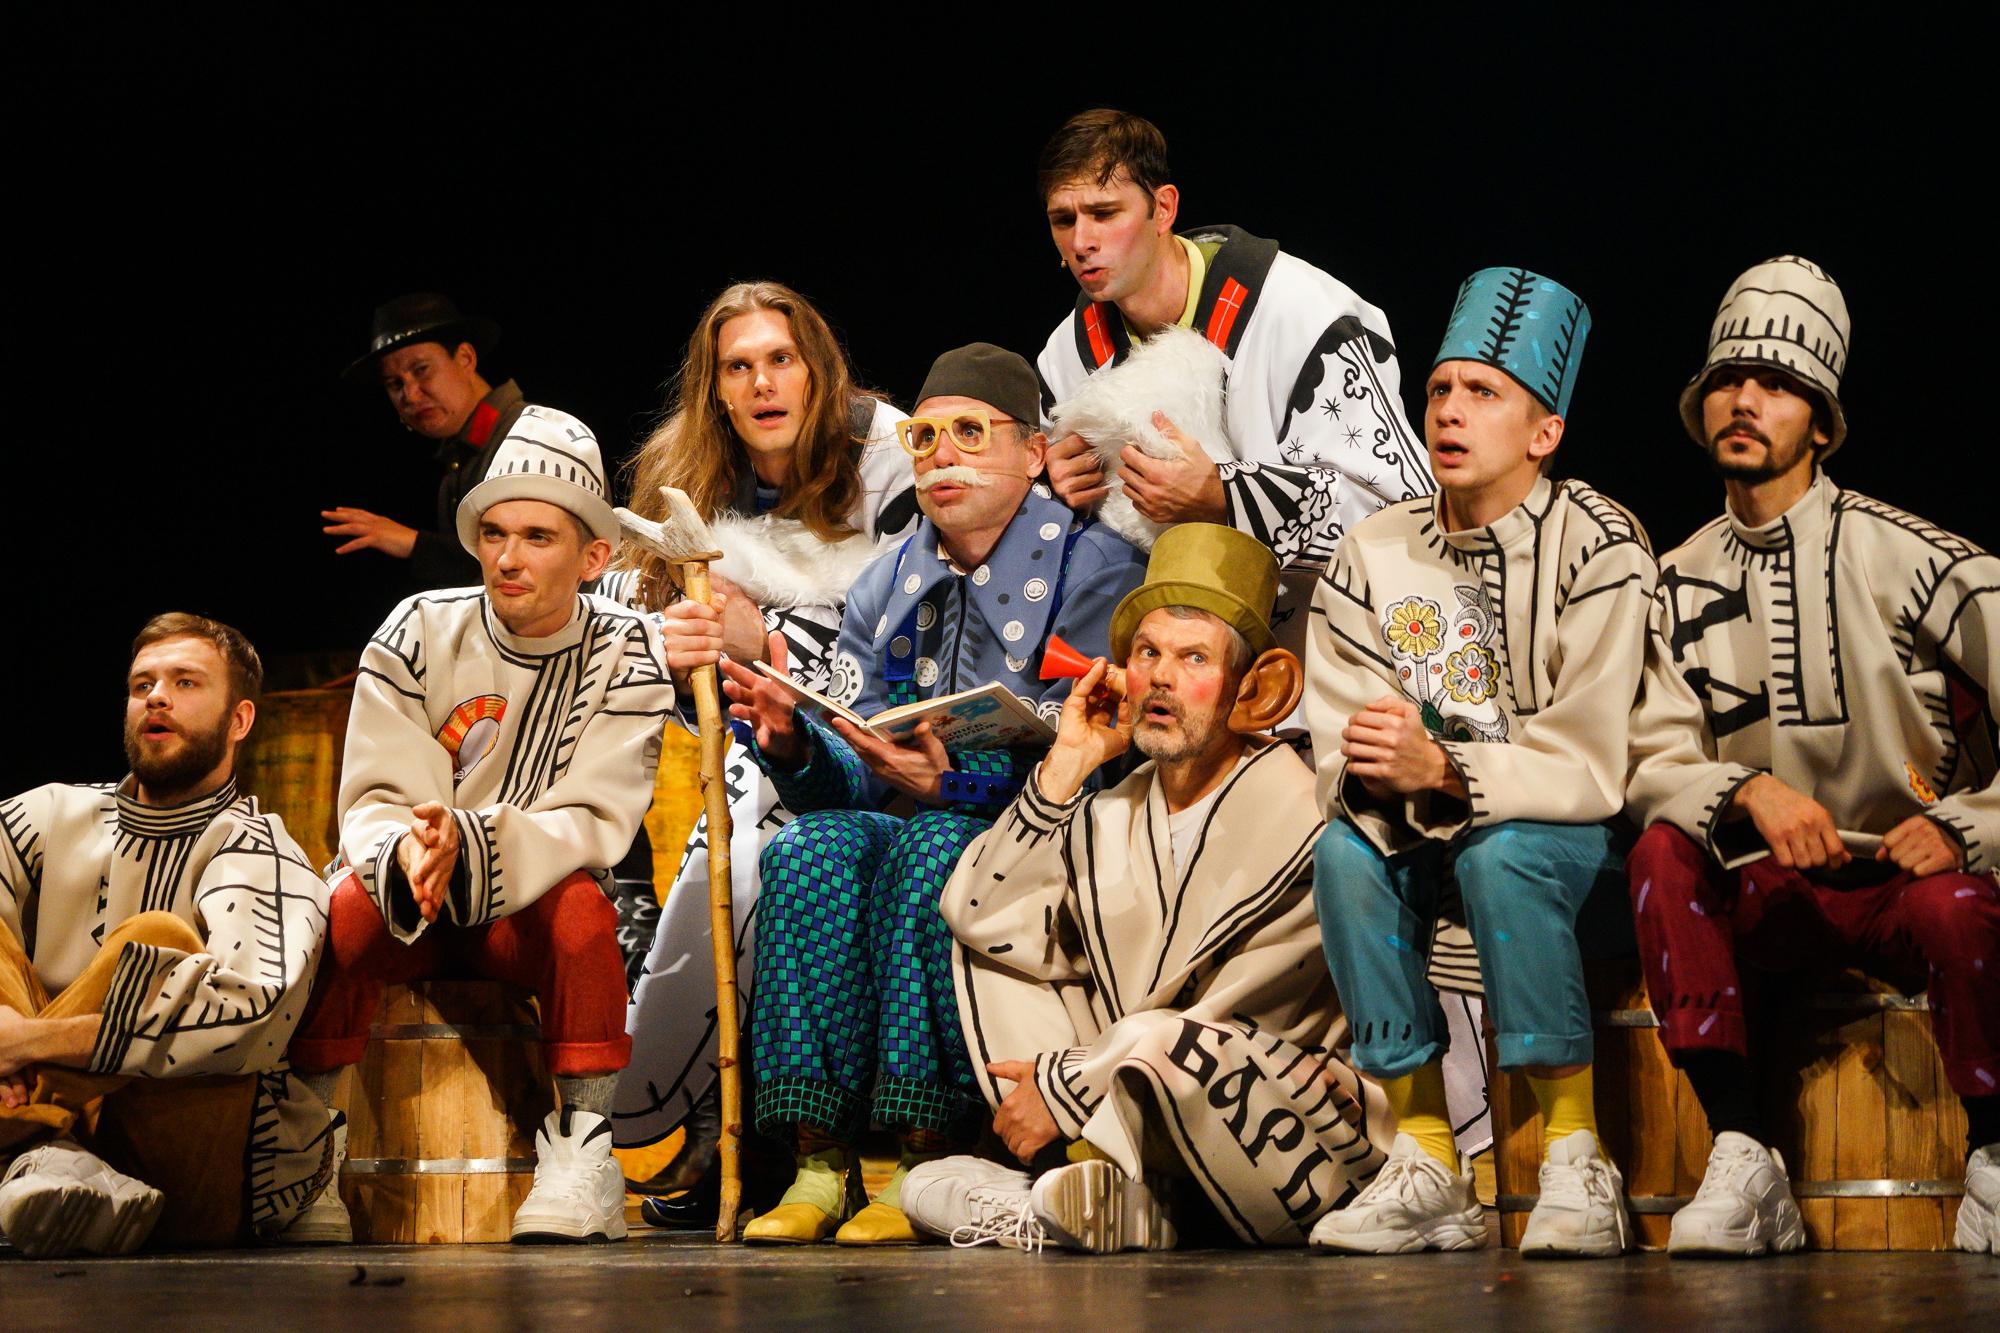 Предпремьерный показ спектакля «Конек-Горбунок» в Краснодарском театре драмы